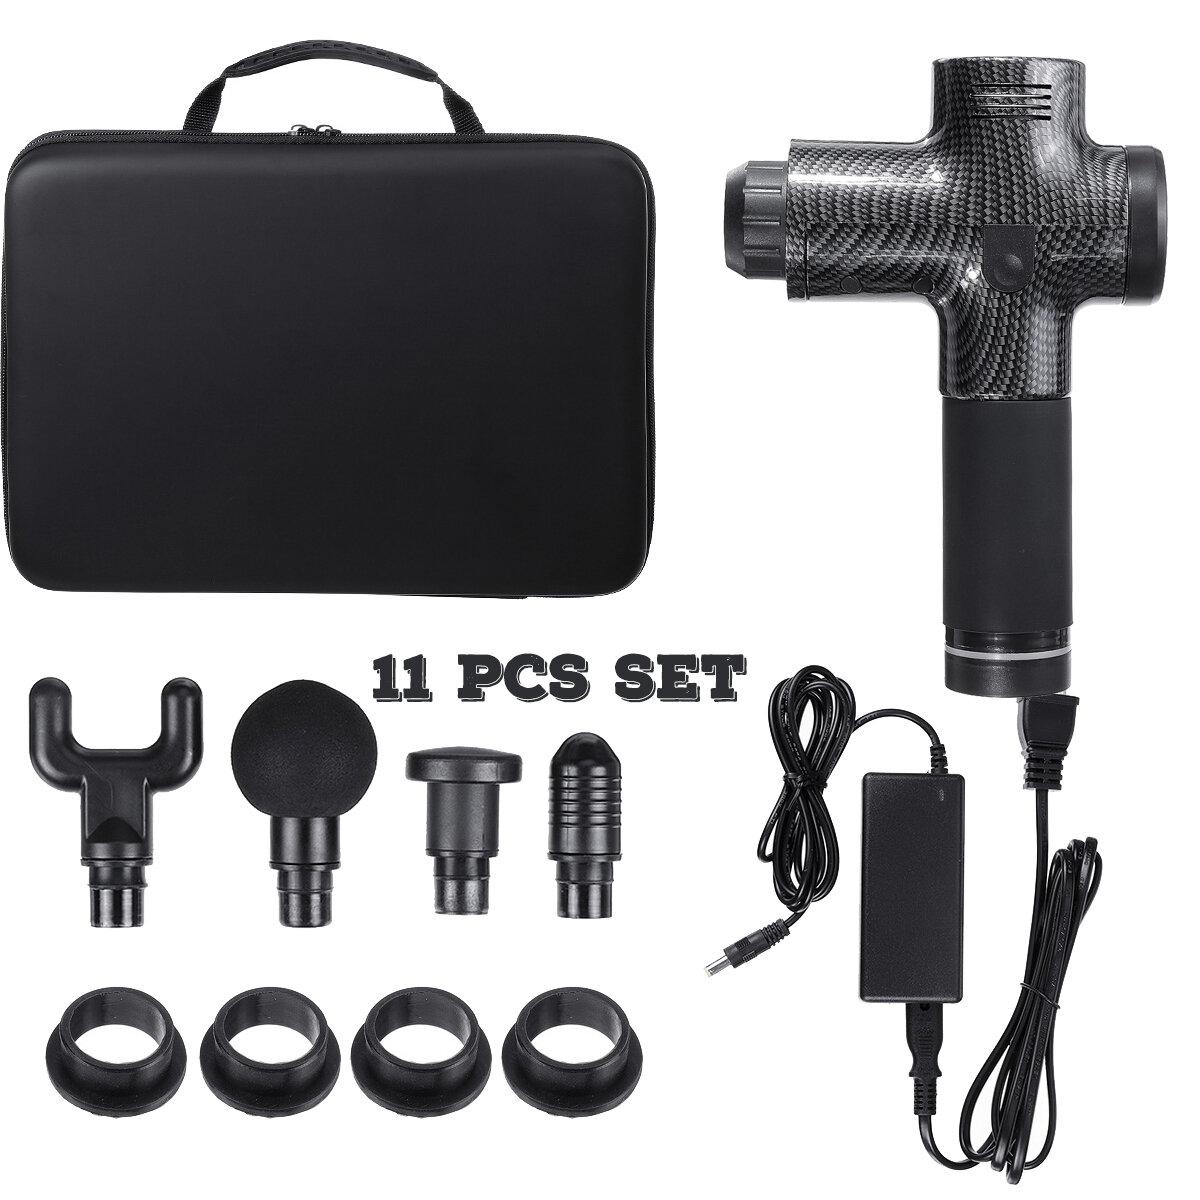 16.8V 2500mAh Massage Gun 4 Head 3 Speed Electric Massager Quiet Technology Professional Deep Tissue Massager